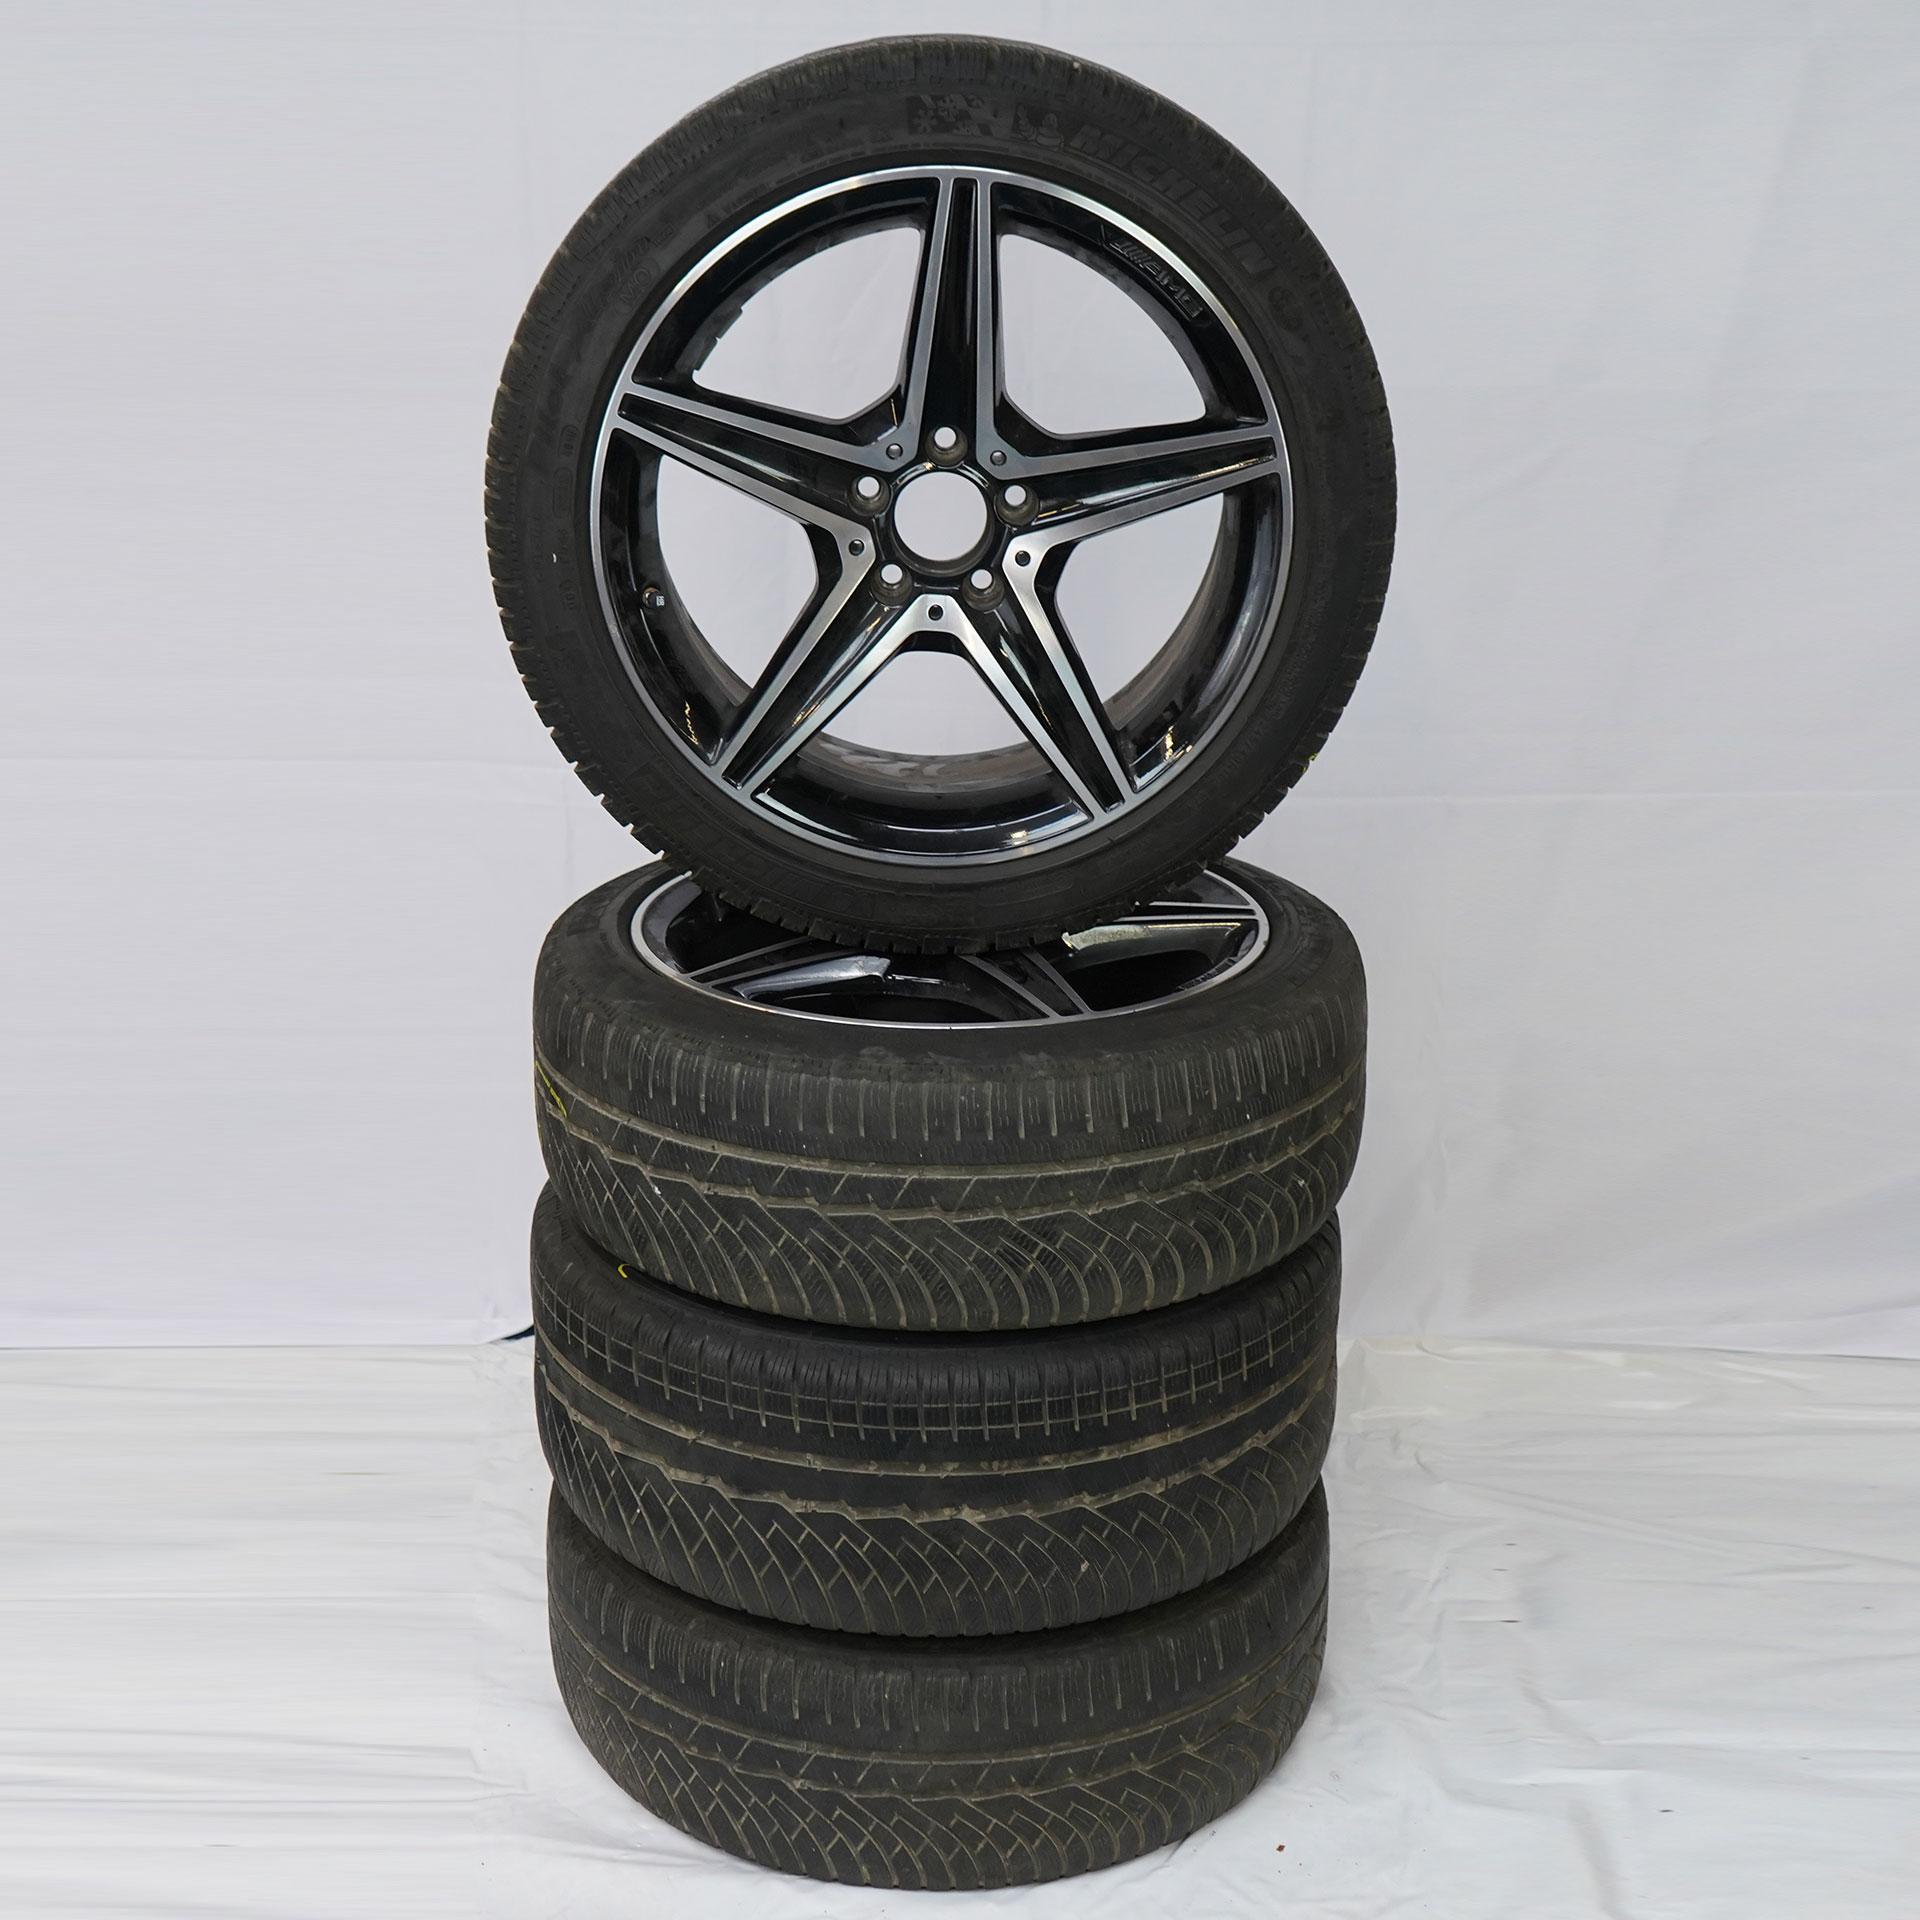 C-Klasse (205) Gebrauchter 18 Zoll Original Mercedes-AMG Winterkomplettrad-Satz Michelin